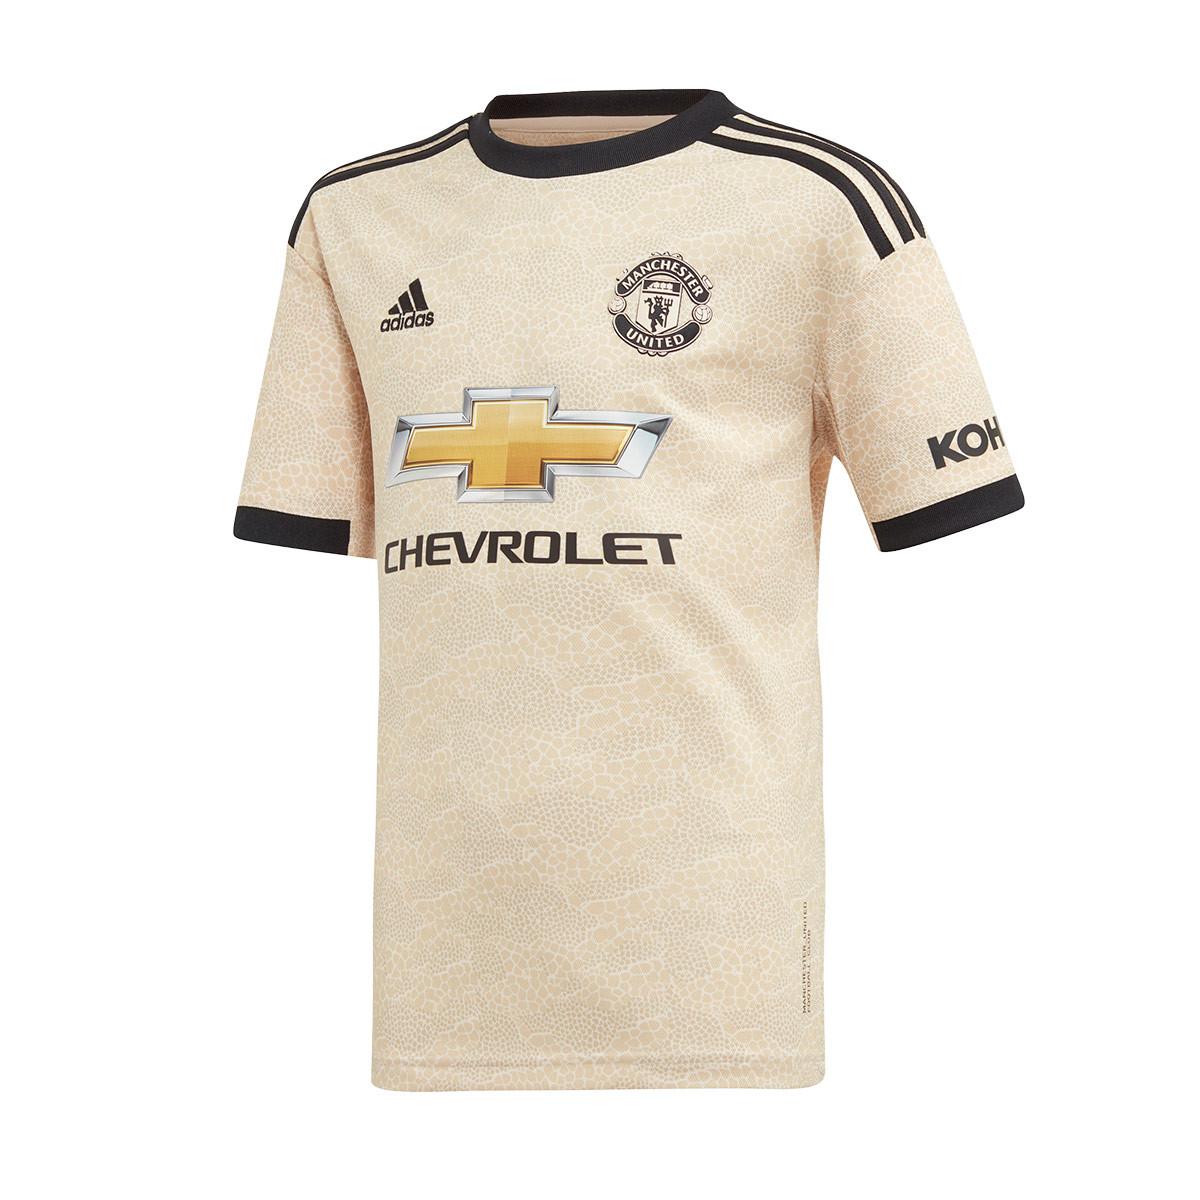 Maglia adidas Manchester United Seconda divisa 2019-2020 Bambino